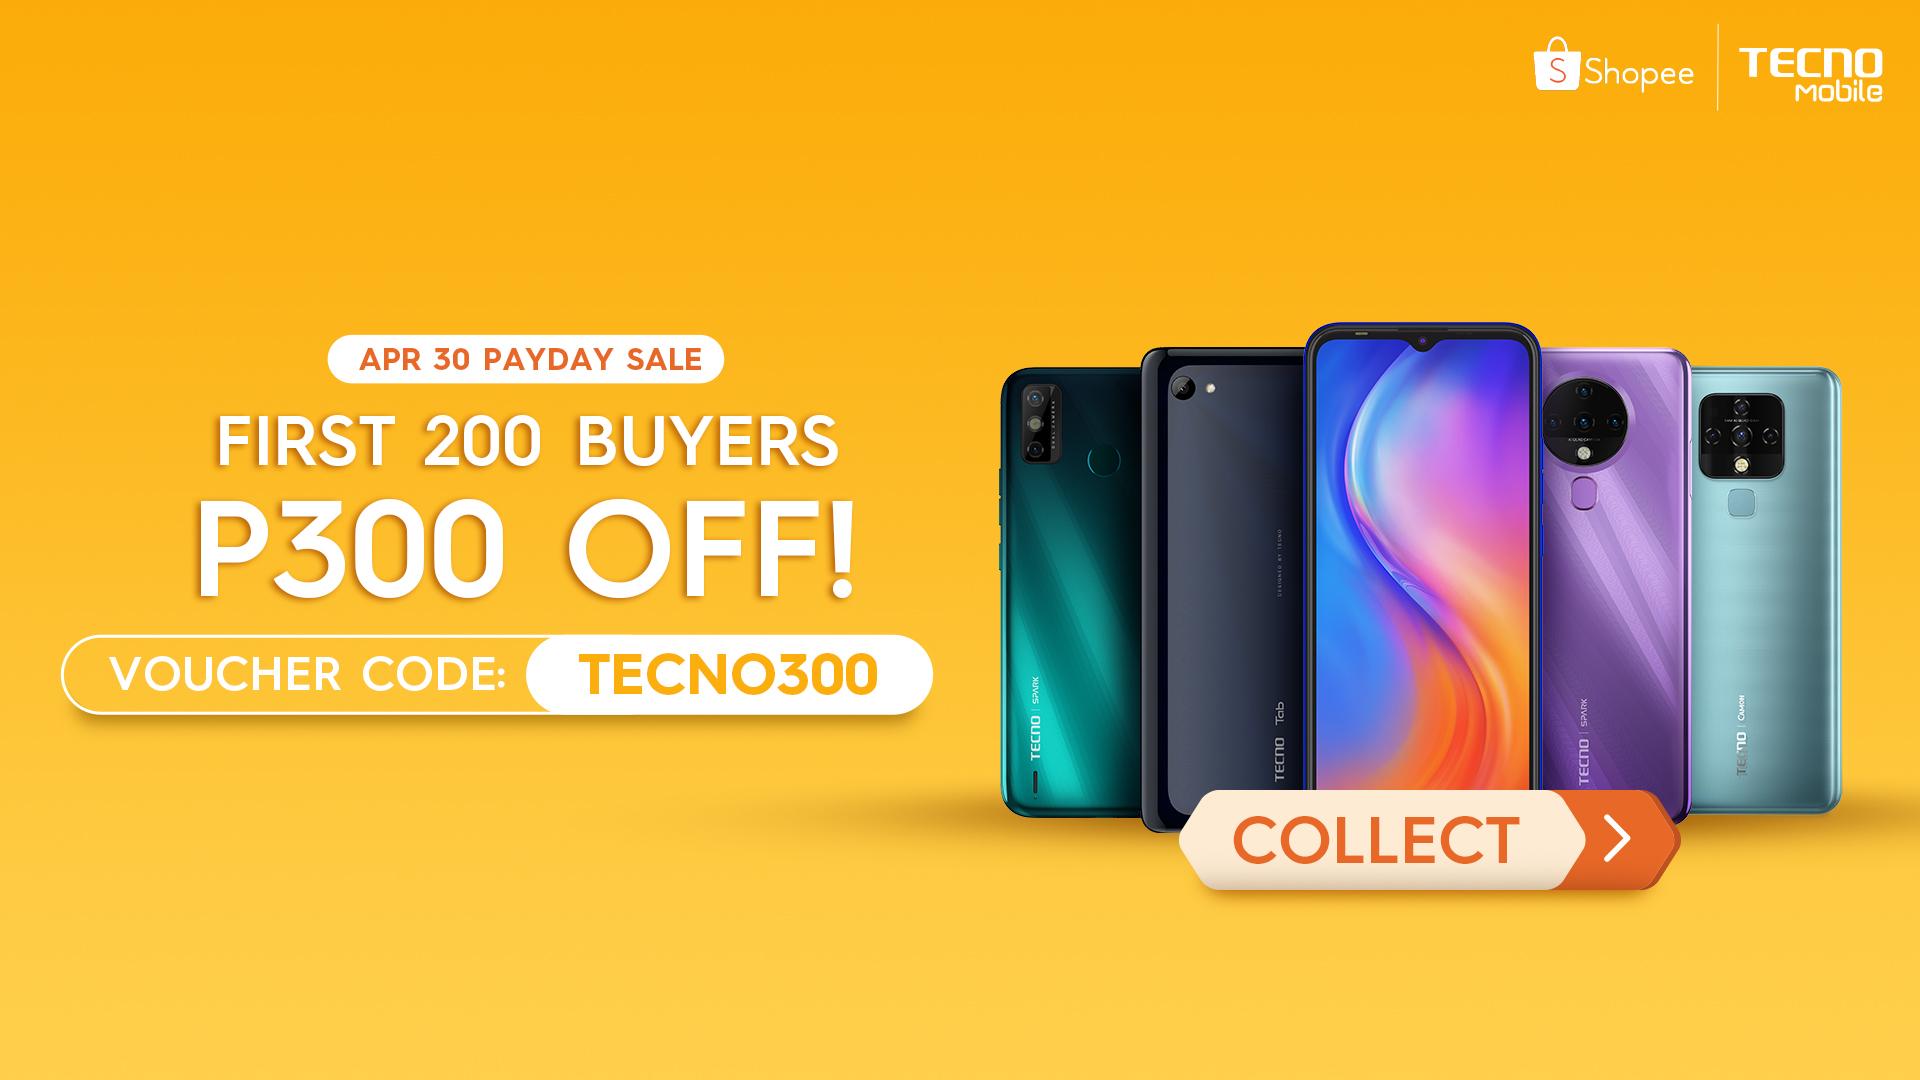 TECNO Mobile Voucher Code